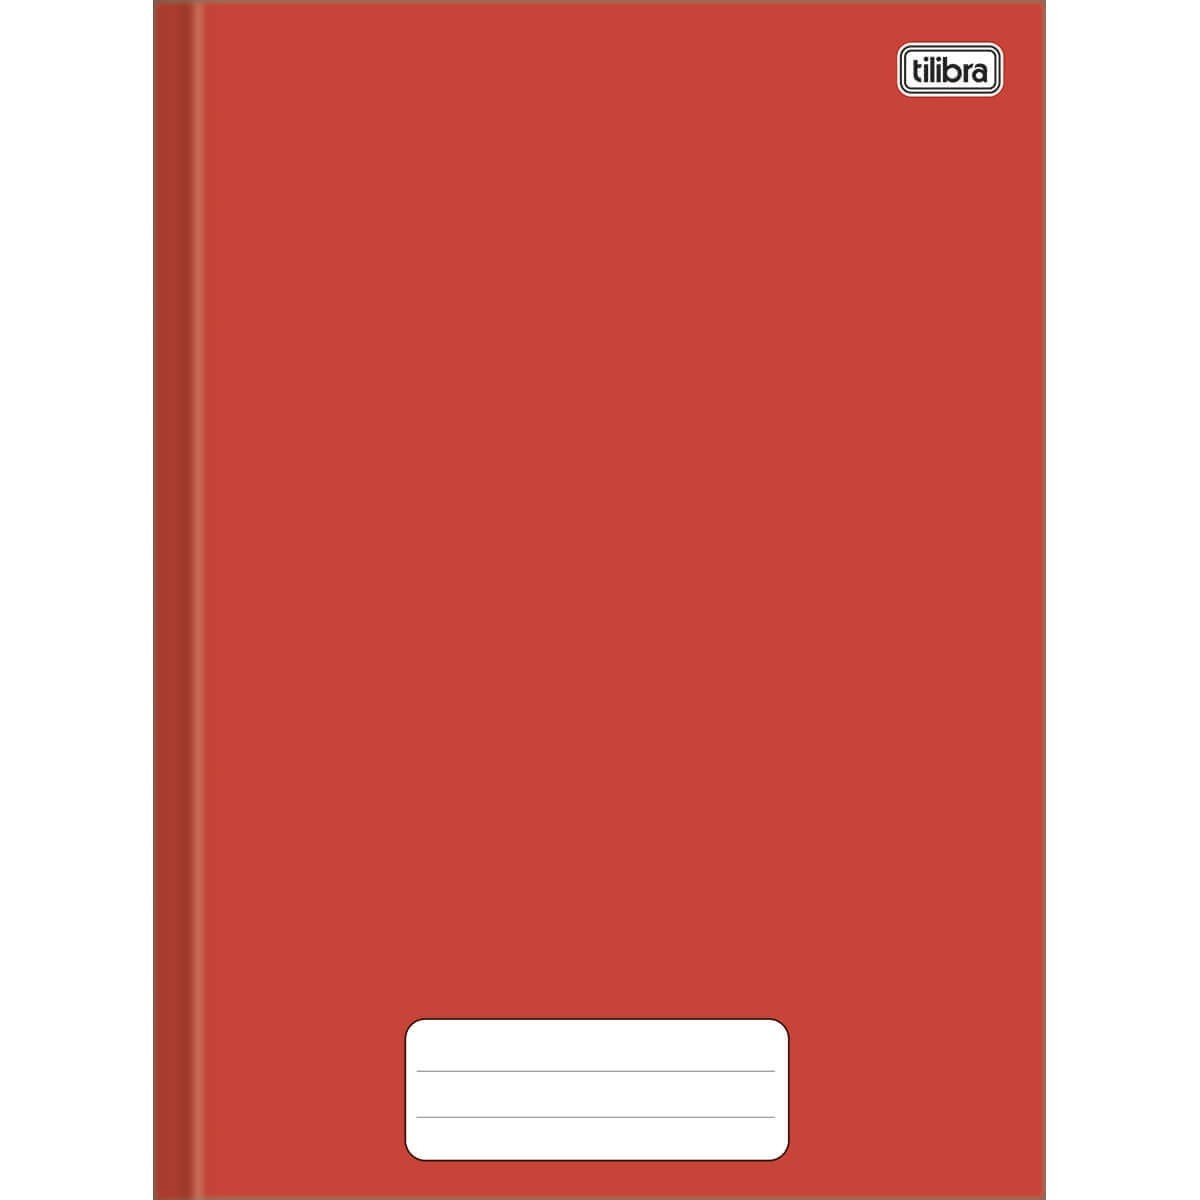 Caderno Brochura Capa Dura 1/4 Pepper 80 Folhas Tilibra